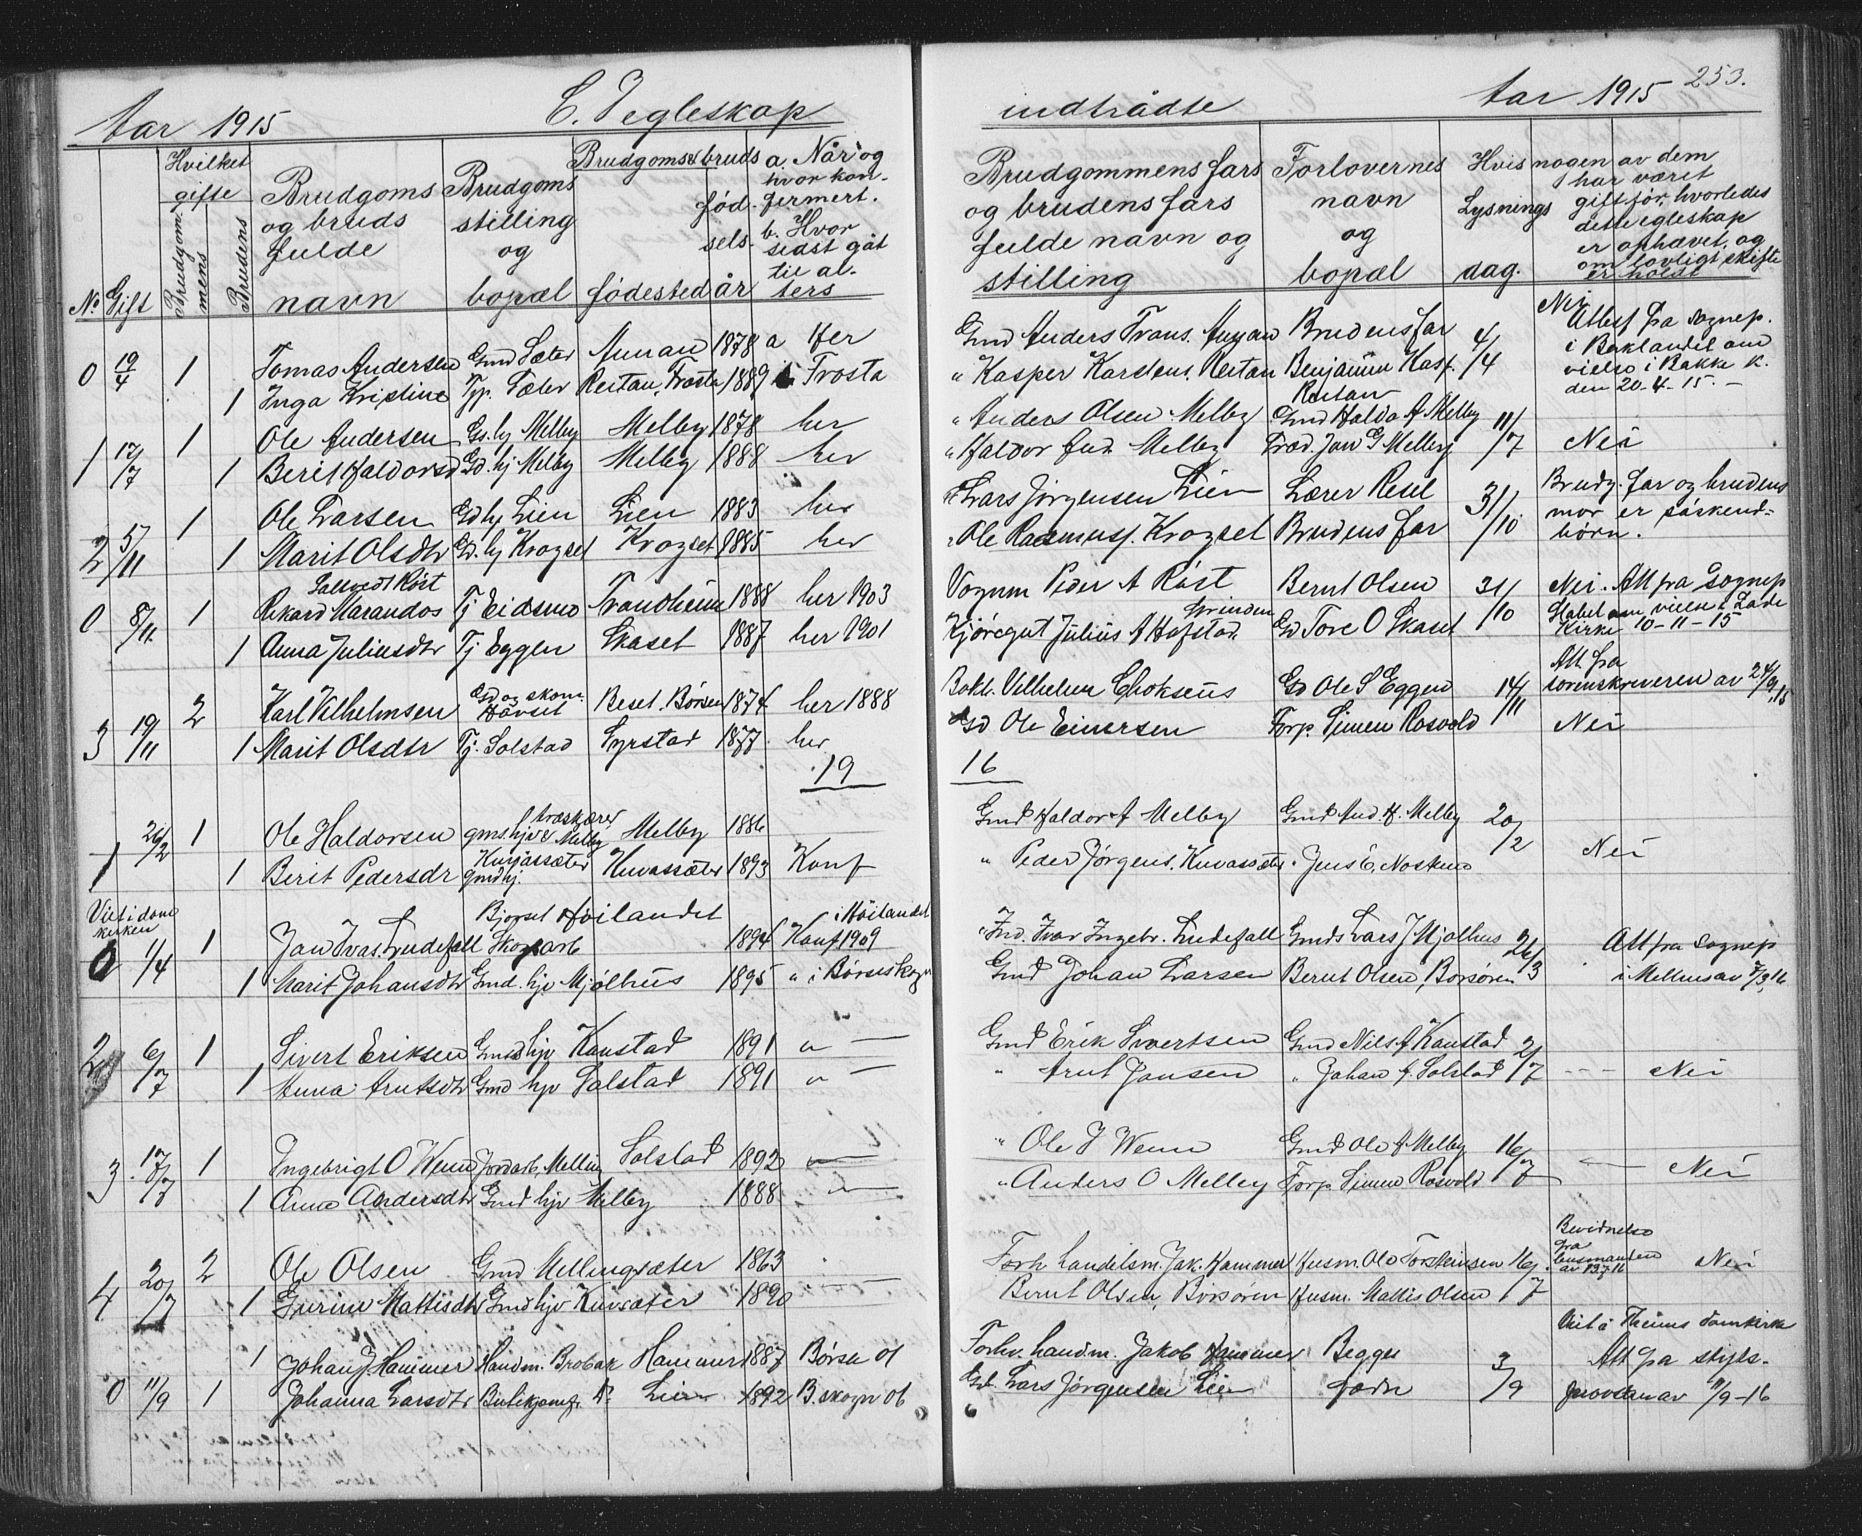 SAT, Ministerialprotokoller, klokkerbøker og fødselsregistre - Sør-Trøndelag, 667/L0798: Klokkerbok nr. 667C03, 1867-1929, s. 253